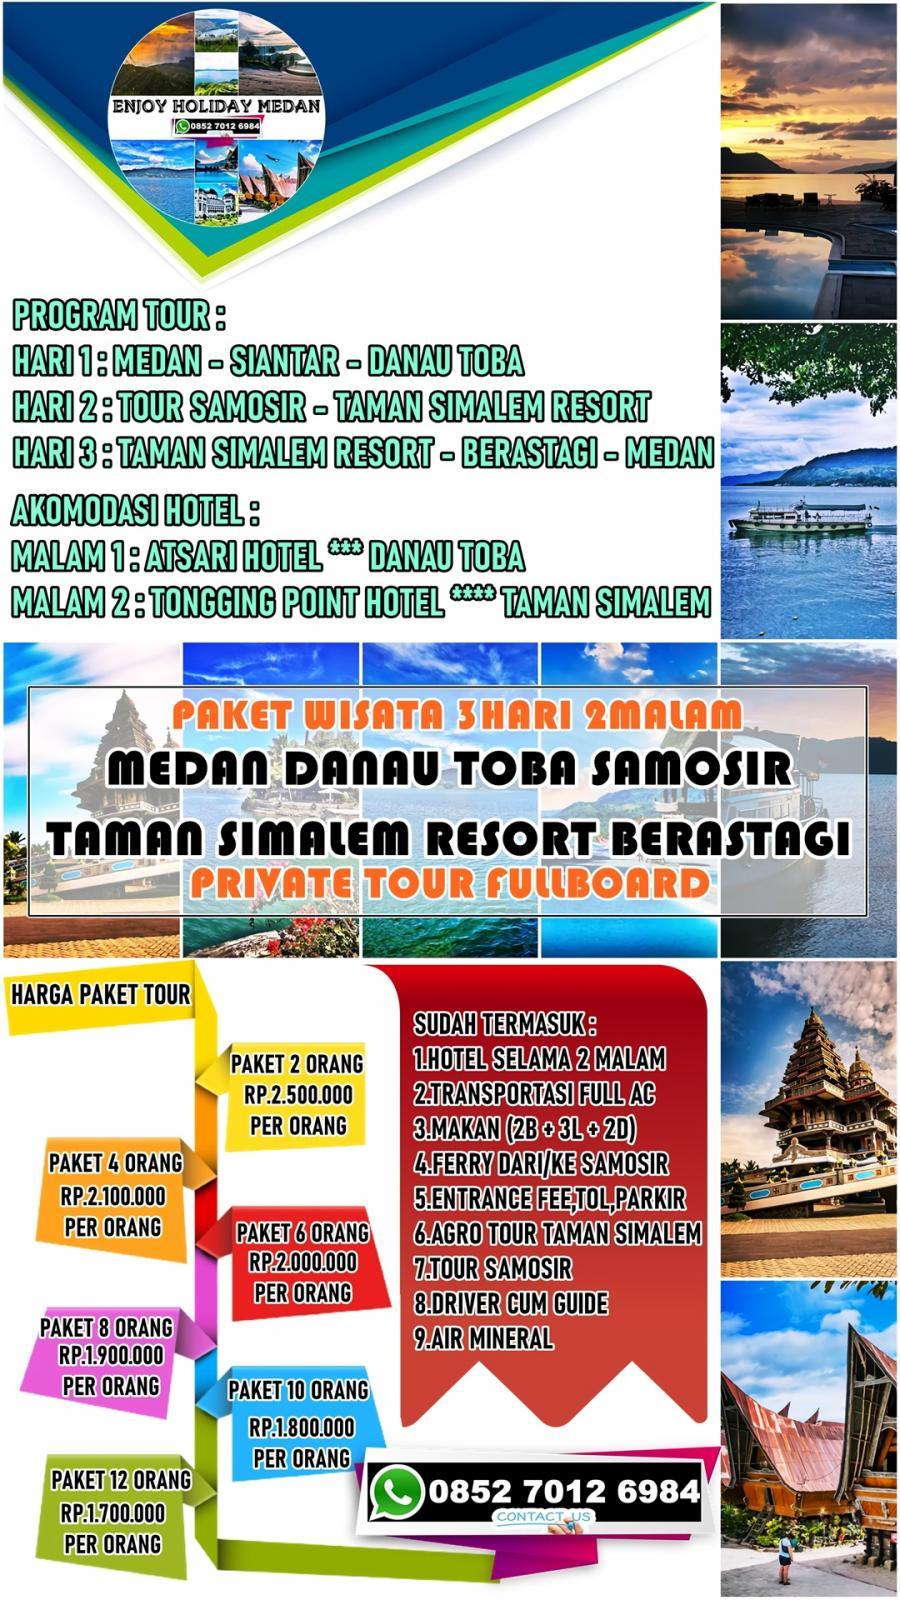 3 Hari 2 Malam Taman Simalem Resort